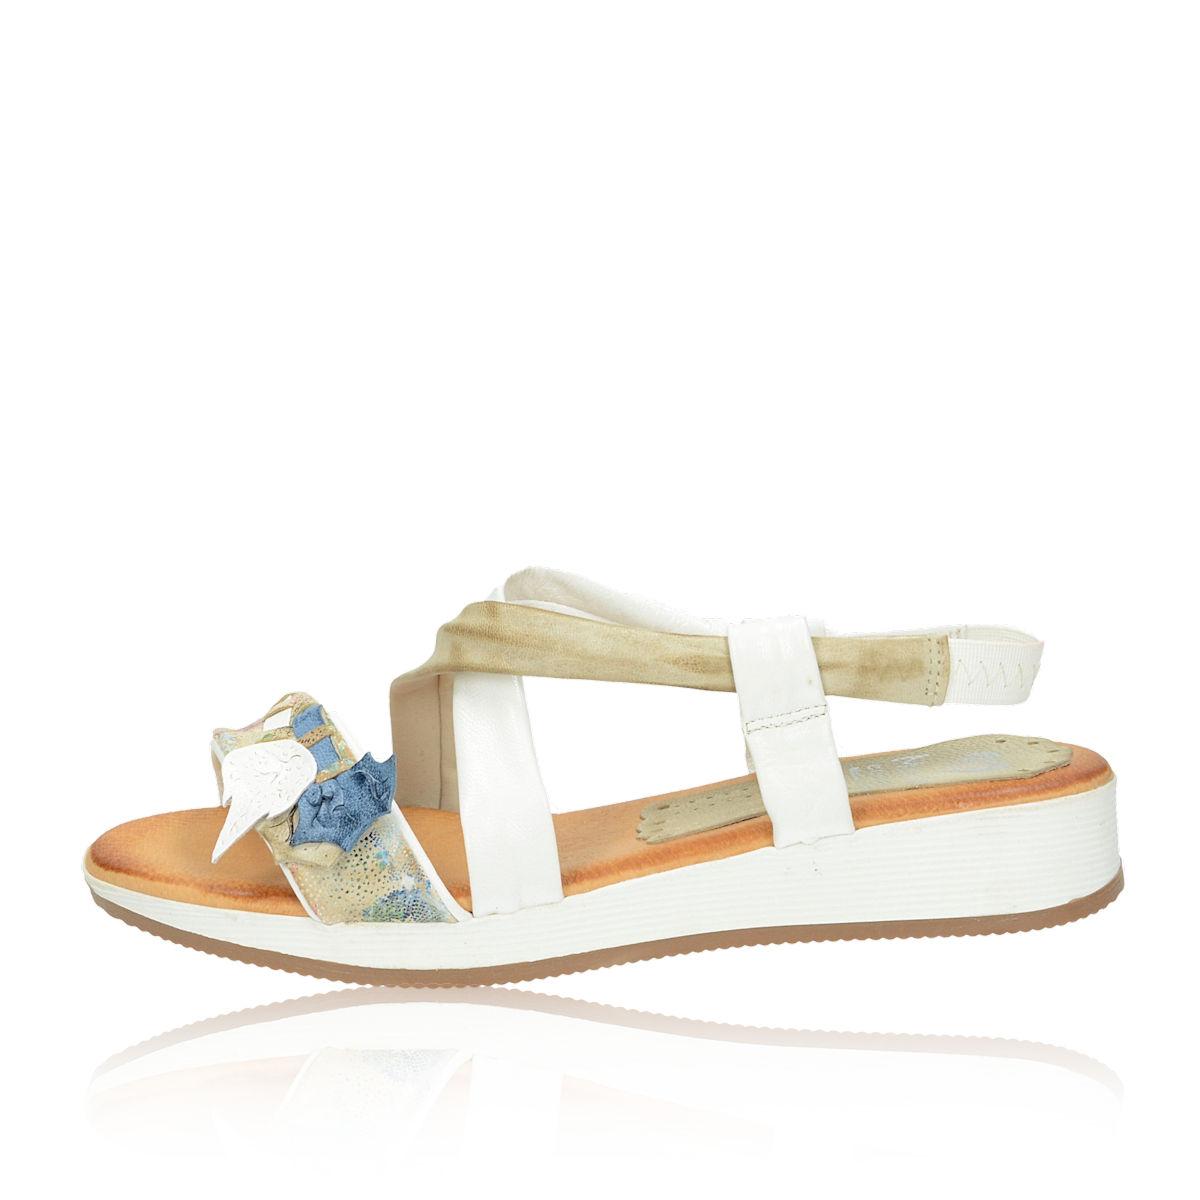 56d3cf422f19 ... Marila dámske pohodlné sandále s ozdobnými prvkami - biele ...